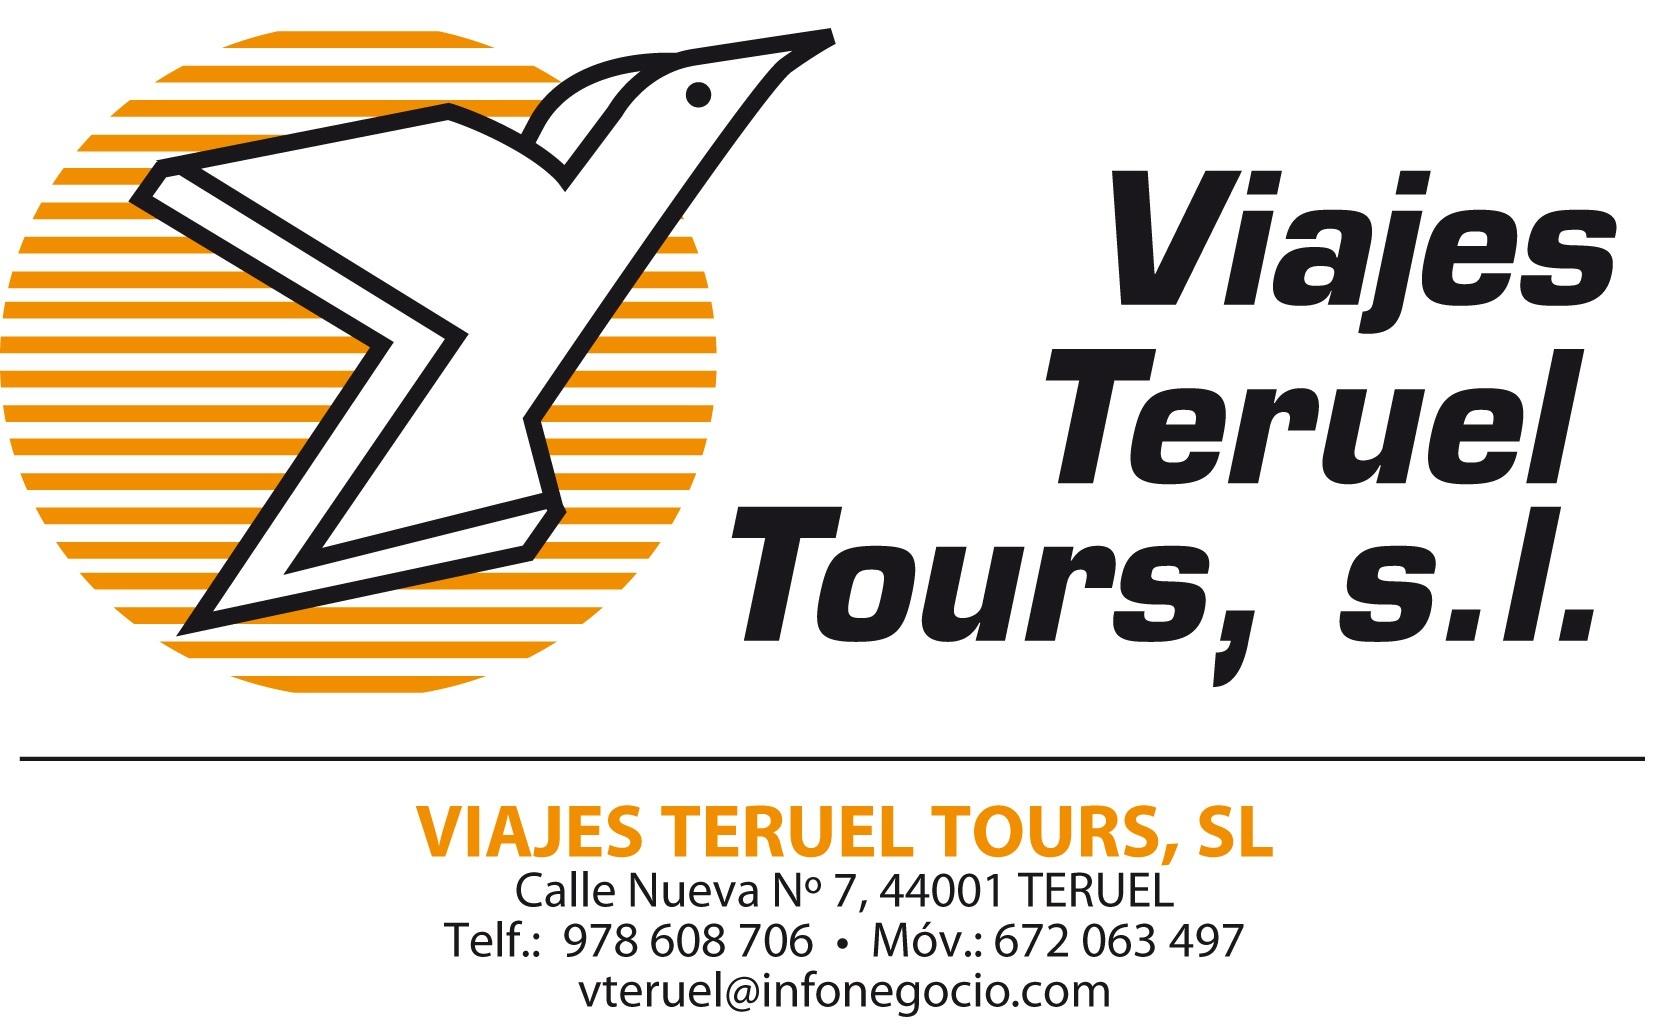 Viajes Teruel Tours S.l.